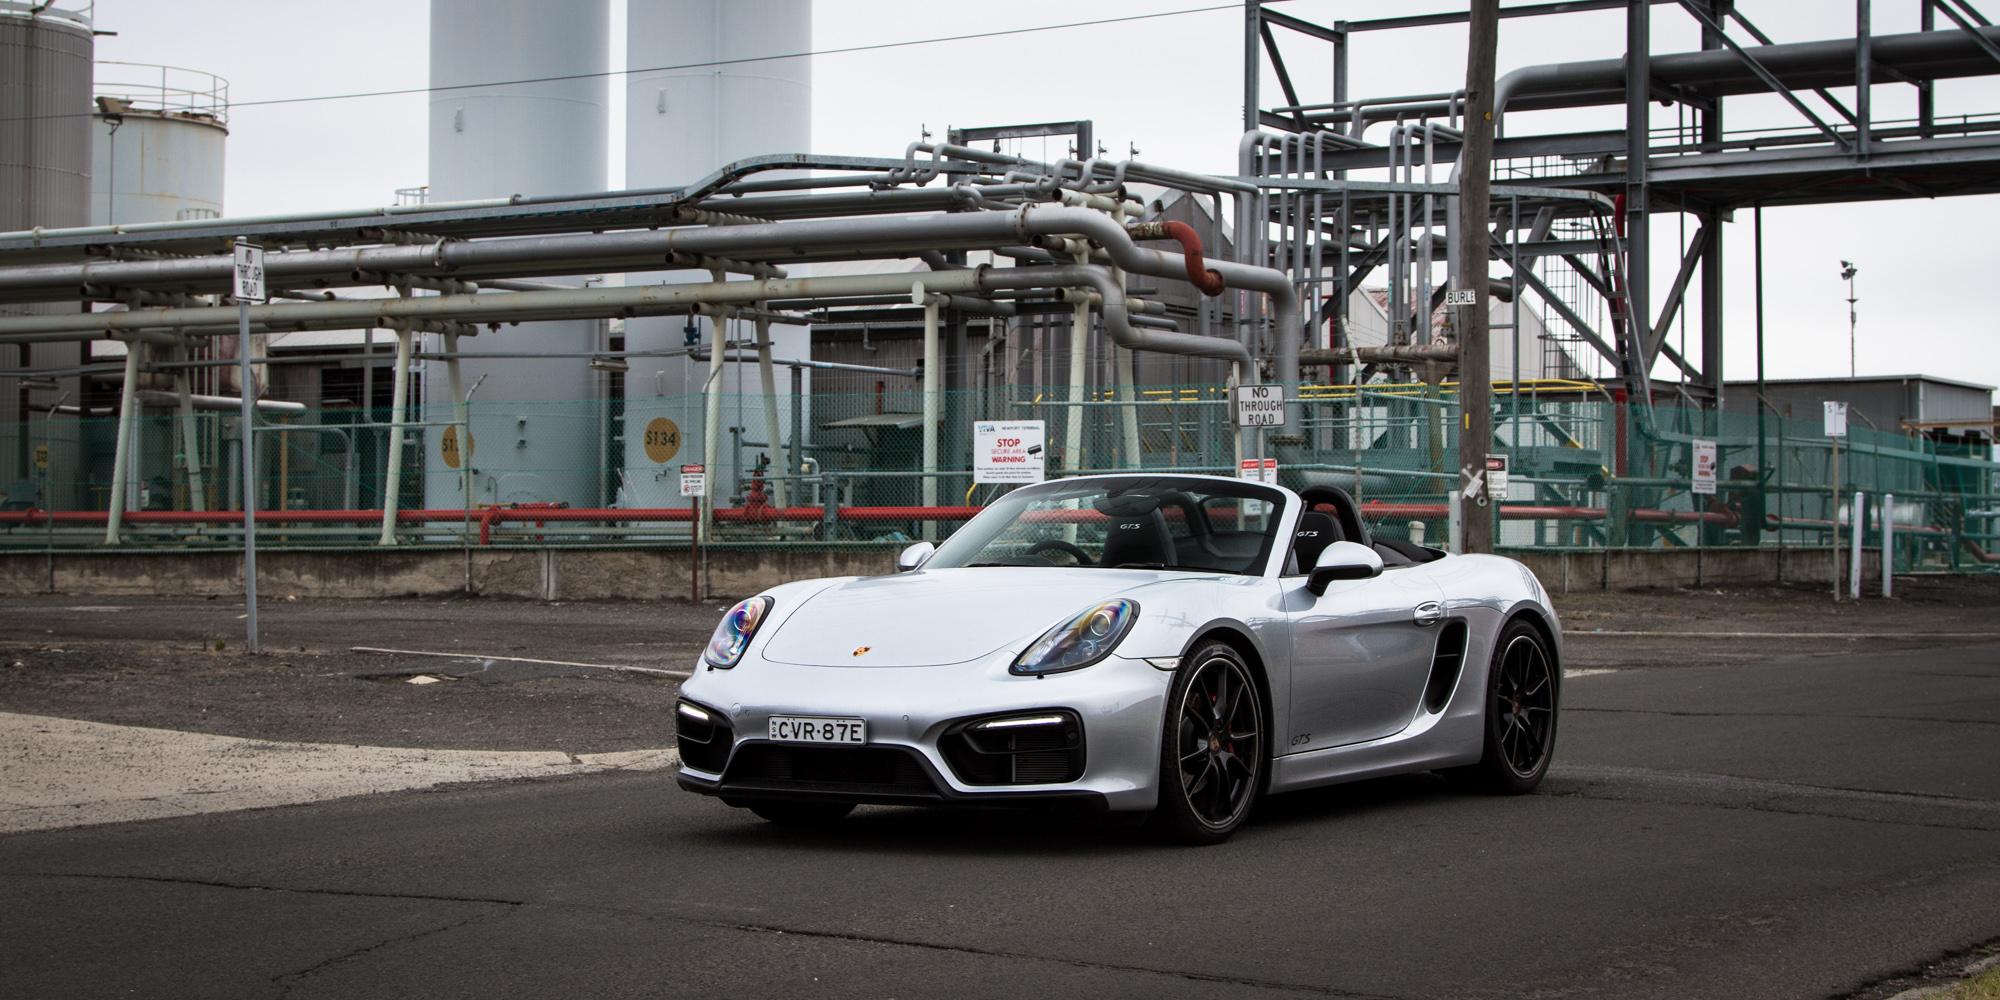 Porsche Boxster Gts Review Caradvice